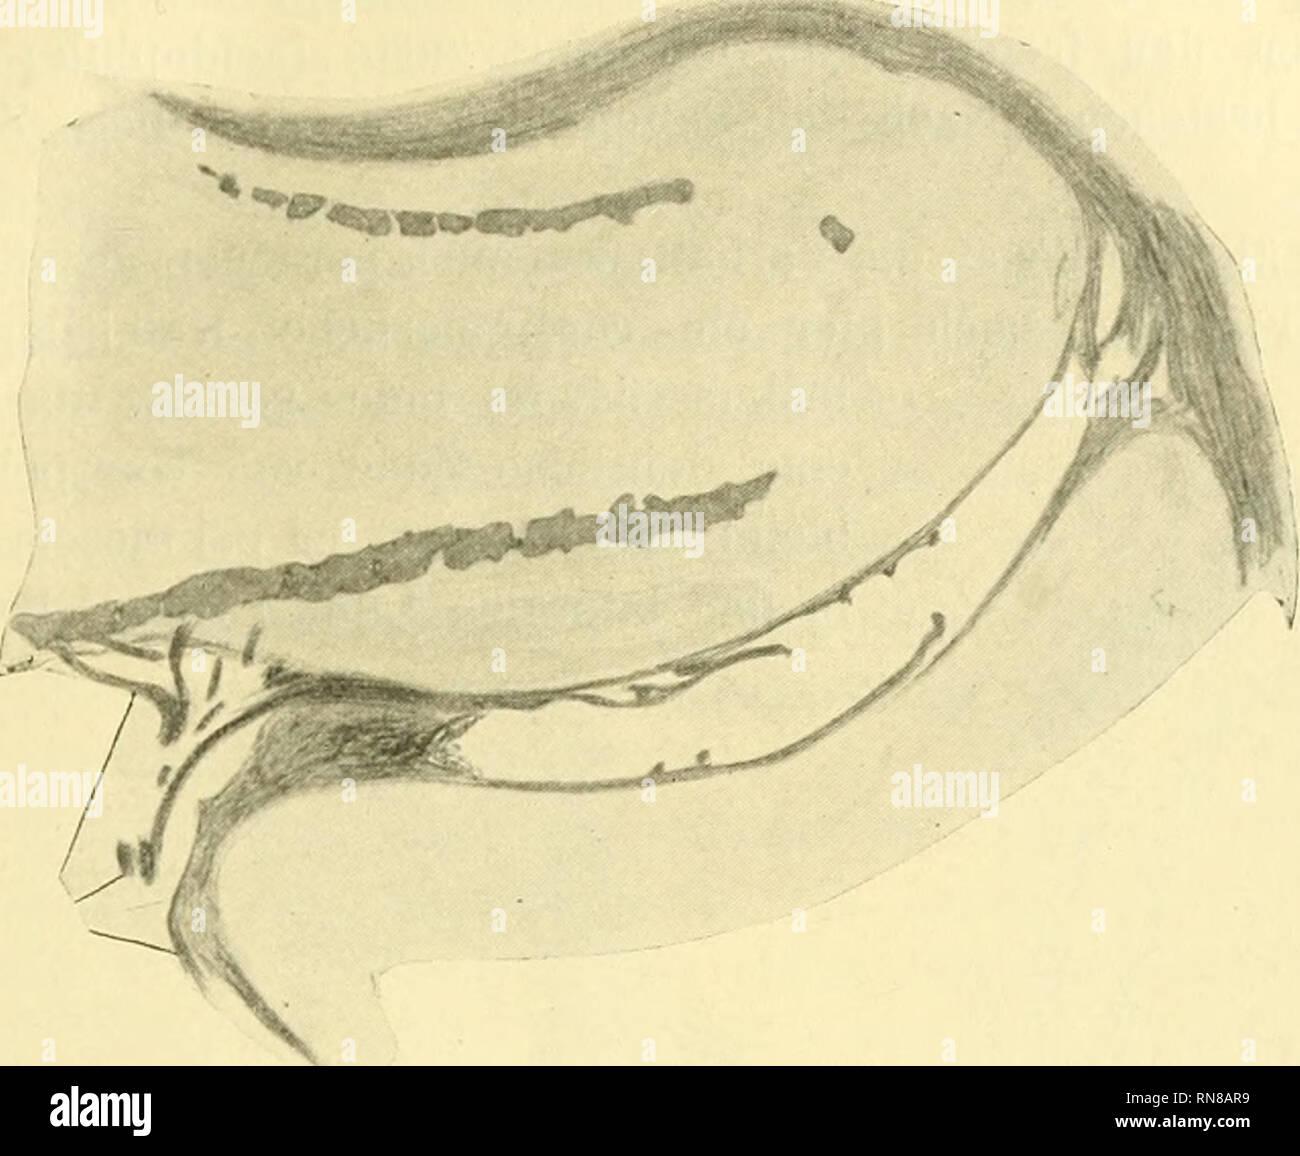 . Anatomischer Anzeiger. Anatomy, Comparative; Anatomy, Comparative. man die Kalkplattenlage stets frei und sehr zart auslaufen, die eigent- liche Gelenkfläche dabei frei lassend (Fig. 2), Der gleiche Befund. Fig. 3. Zonopropterygialgelenk, Mustelus laevis, erwachsen. 20 X vergrößert, auf ^/^ verkleinert.. Please note that these images are extracted from scanned page images that may have been digitally enhanced for readability - coloration and appearance of these illustrations may not perfectly resemble the original work.. Anatomische Gesellschaft. Jena : G. Fischer - Stock Image